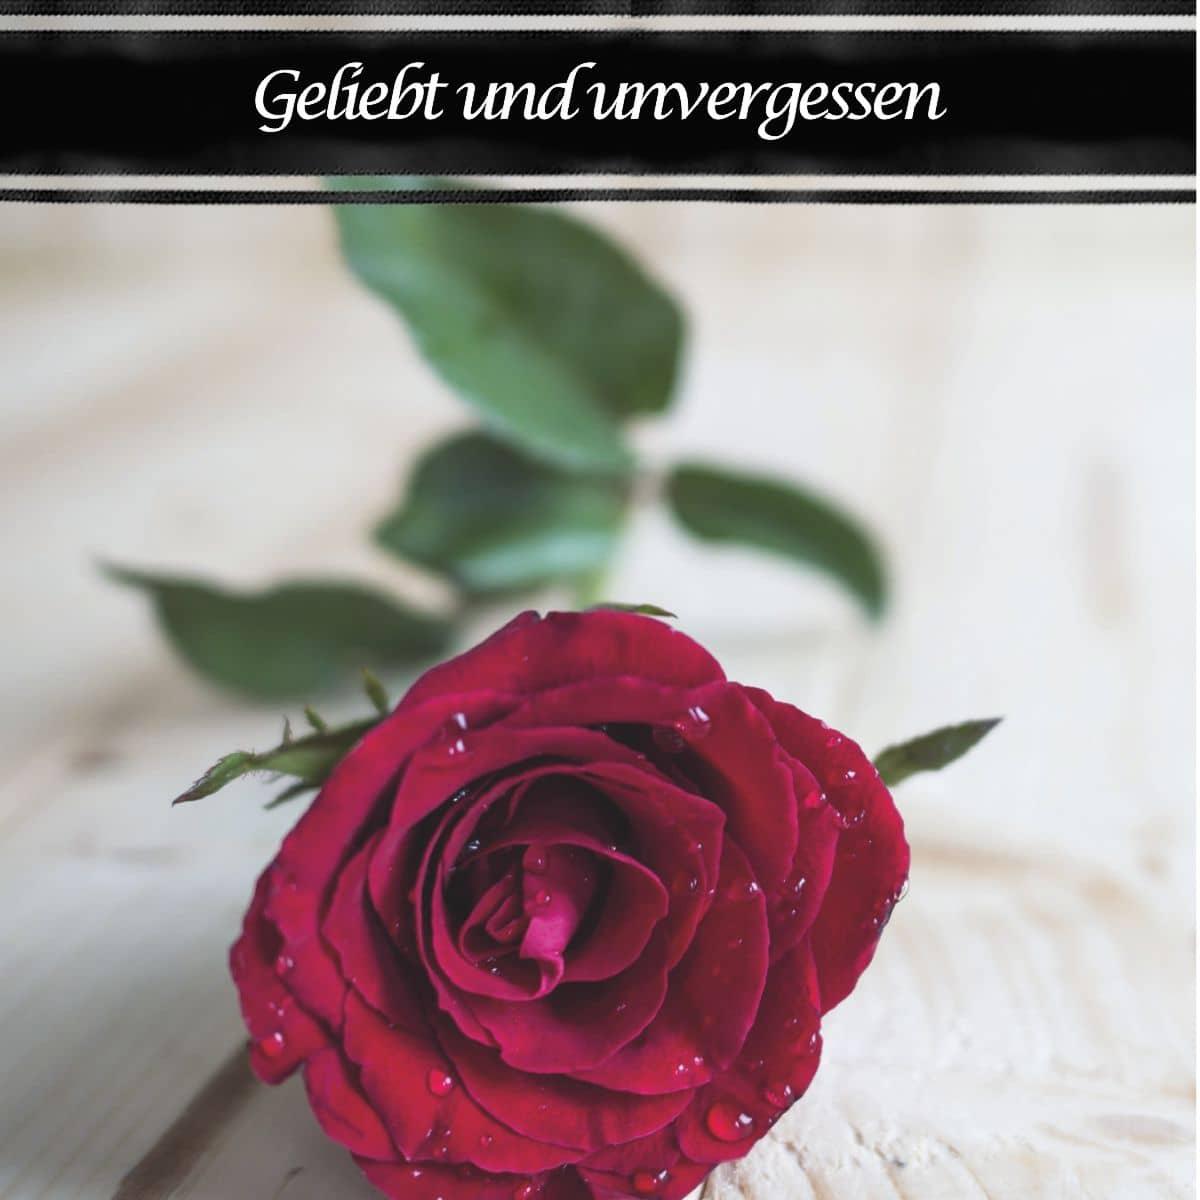 Hofer Premium 7 Tage Motivlicht, GELIEBT UND UNVERGESSEN